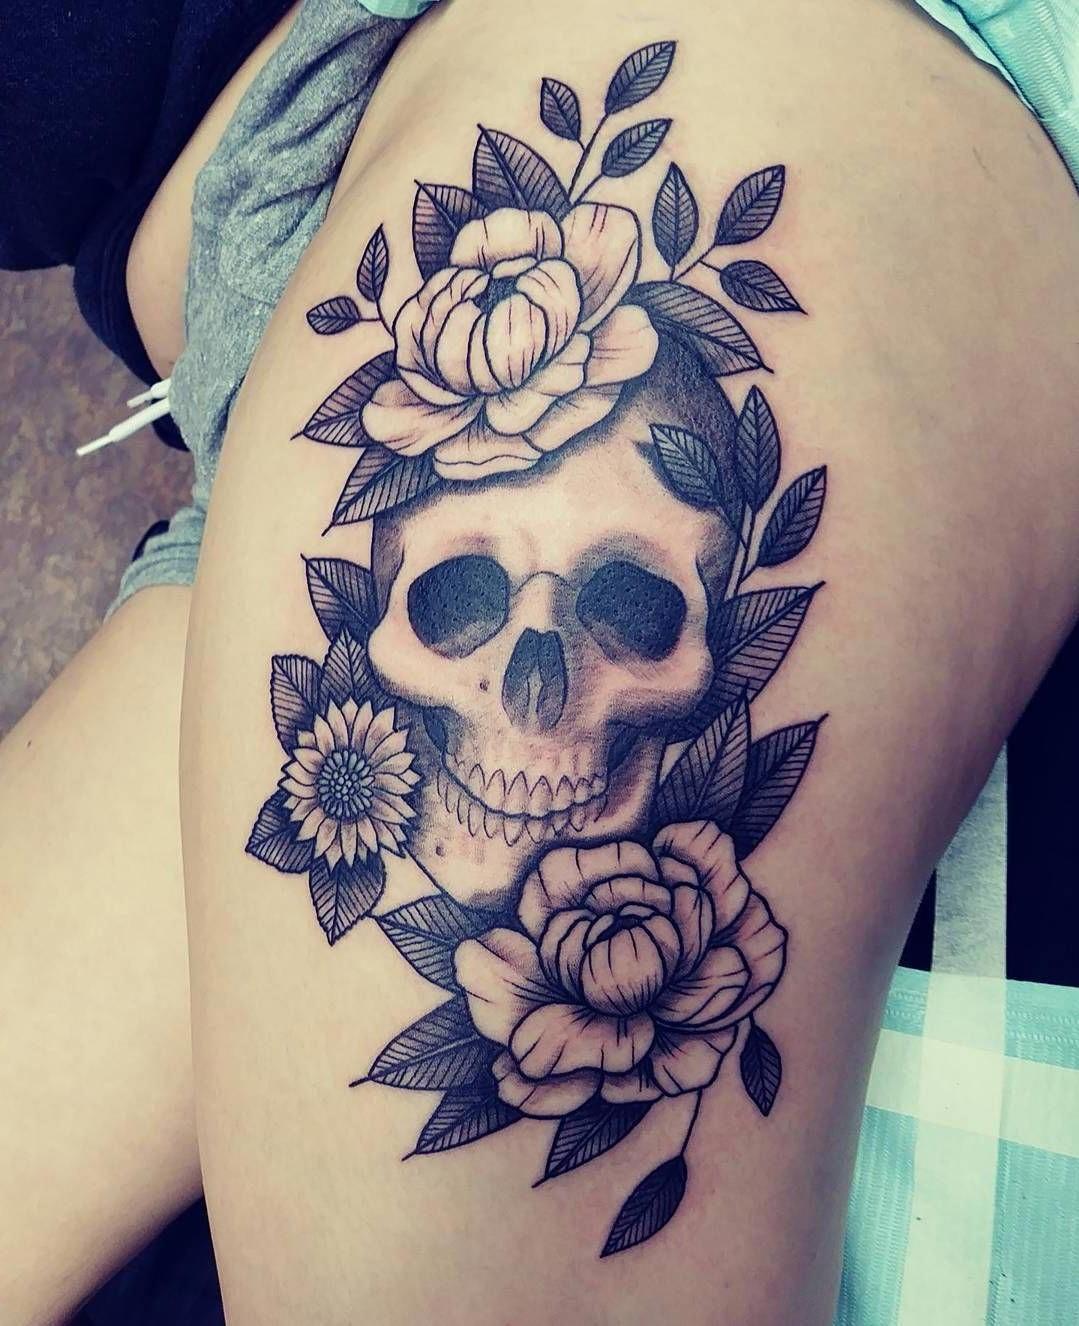 Tatouage sur cuisse pour femme avec un crâne.